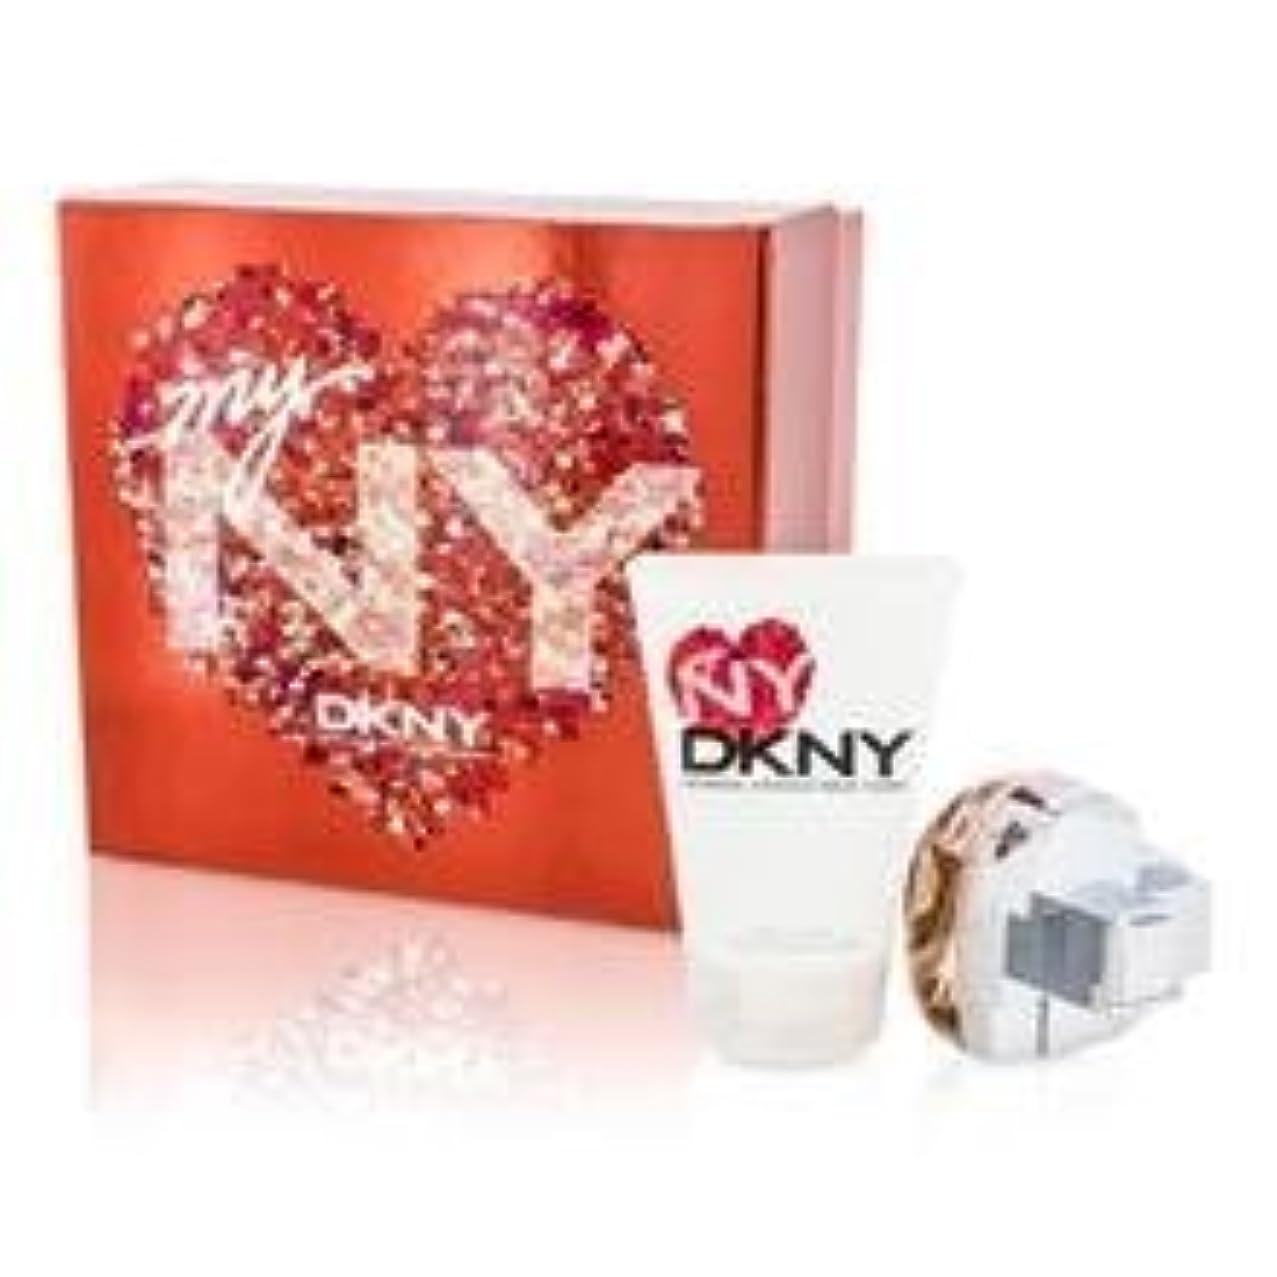 反響するタイトジャーナリストDKNY My NY The Heart Of The City Coffret: Eau De Parfum Spray 50ml/1.7oz + Body Lotion 100ml/3.4oz 2pcs並行輸入品